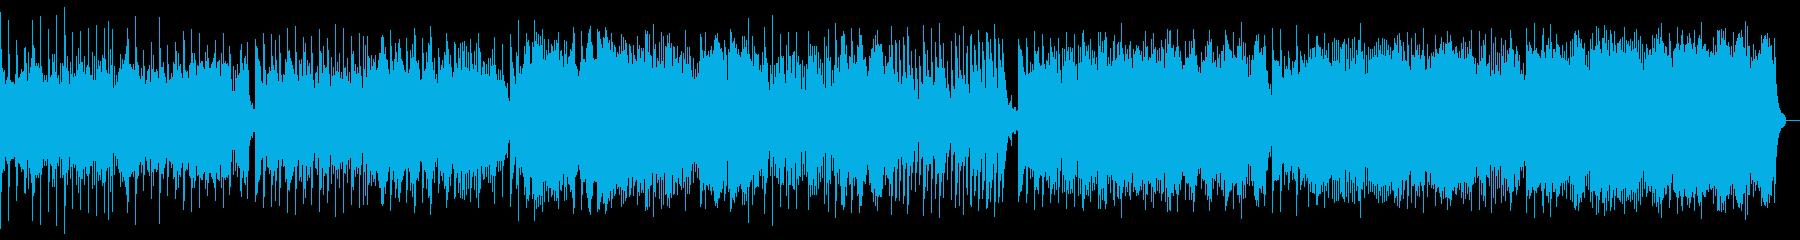 幻想的なピアノBGM(効果音なし)の再生済みの波形